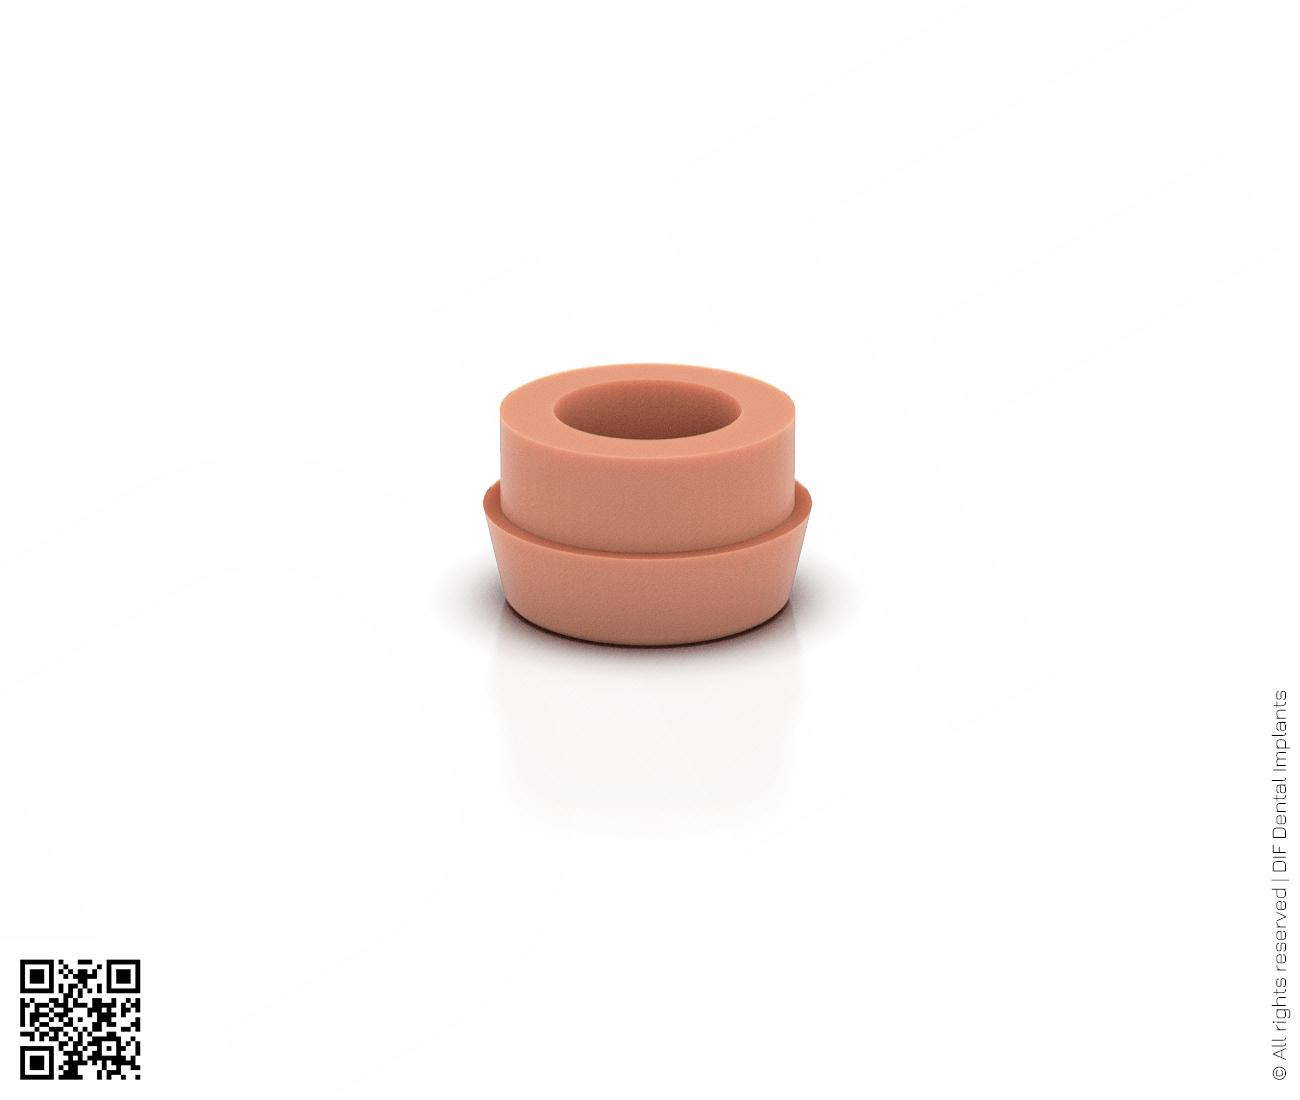 Фото силиконовая матрица ретенция 0.7 кг производства DIF.